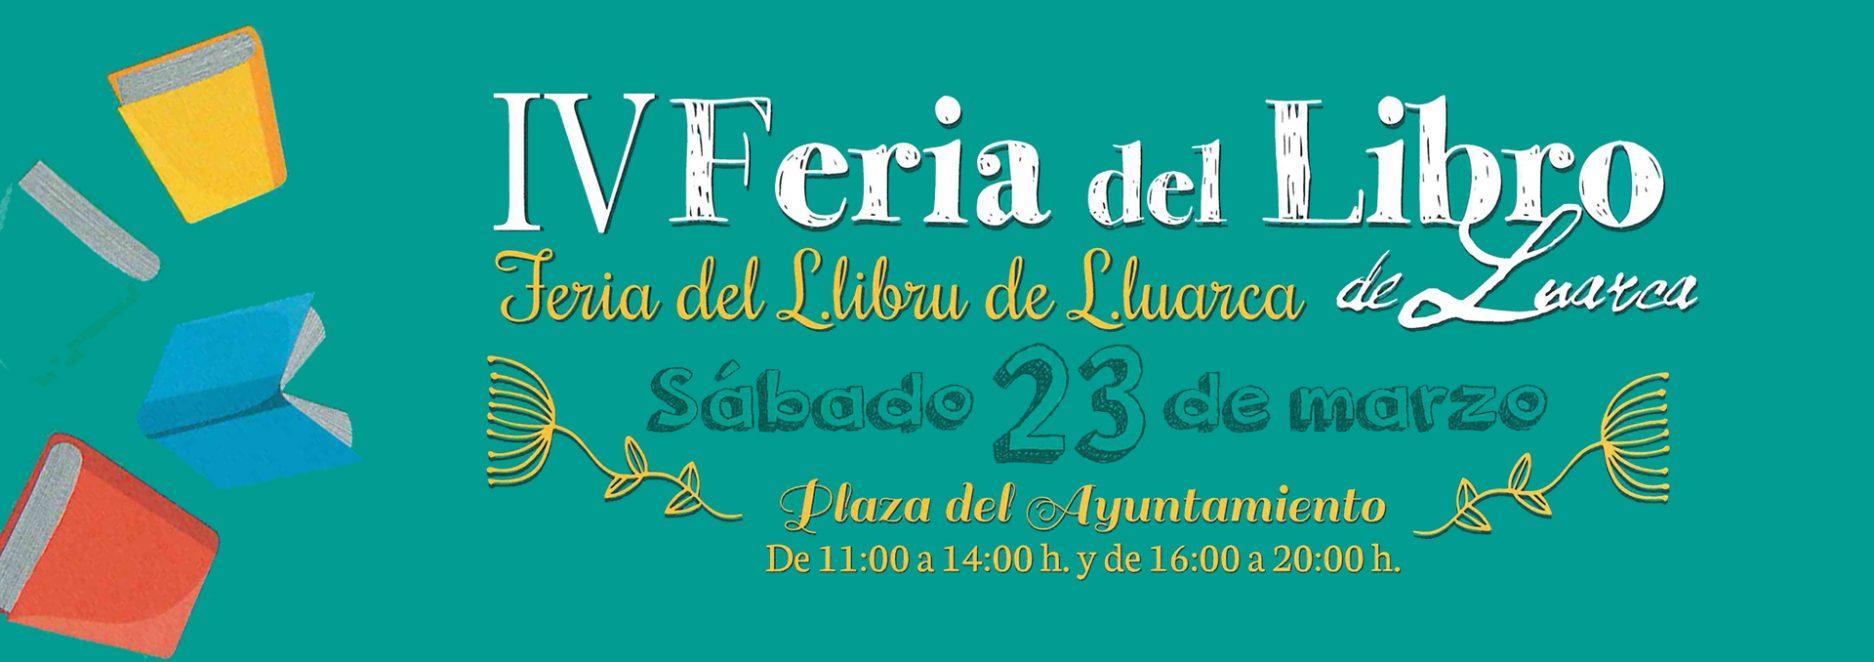 Feria-llibru-Lluarca